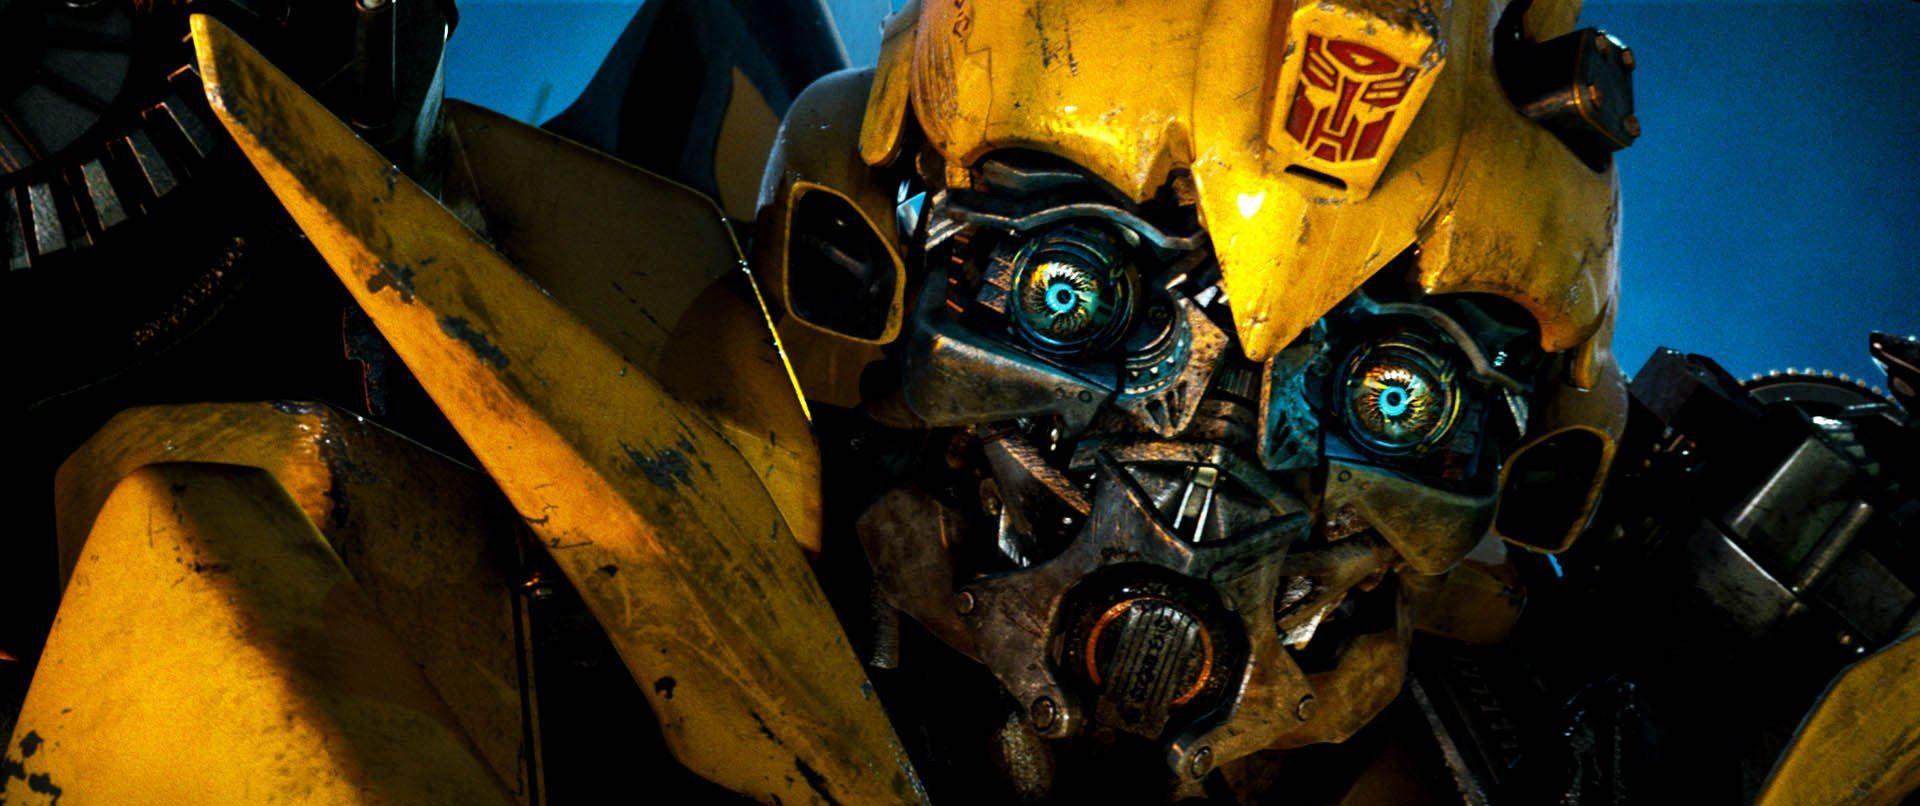 ¿Por qué Bumblebee es incapaz de hablar y cómo se comunica?